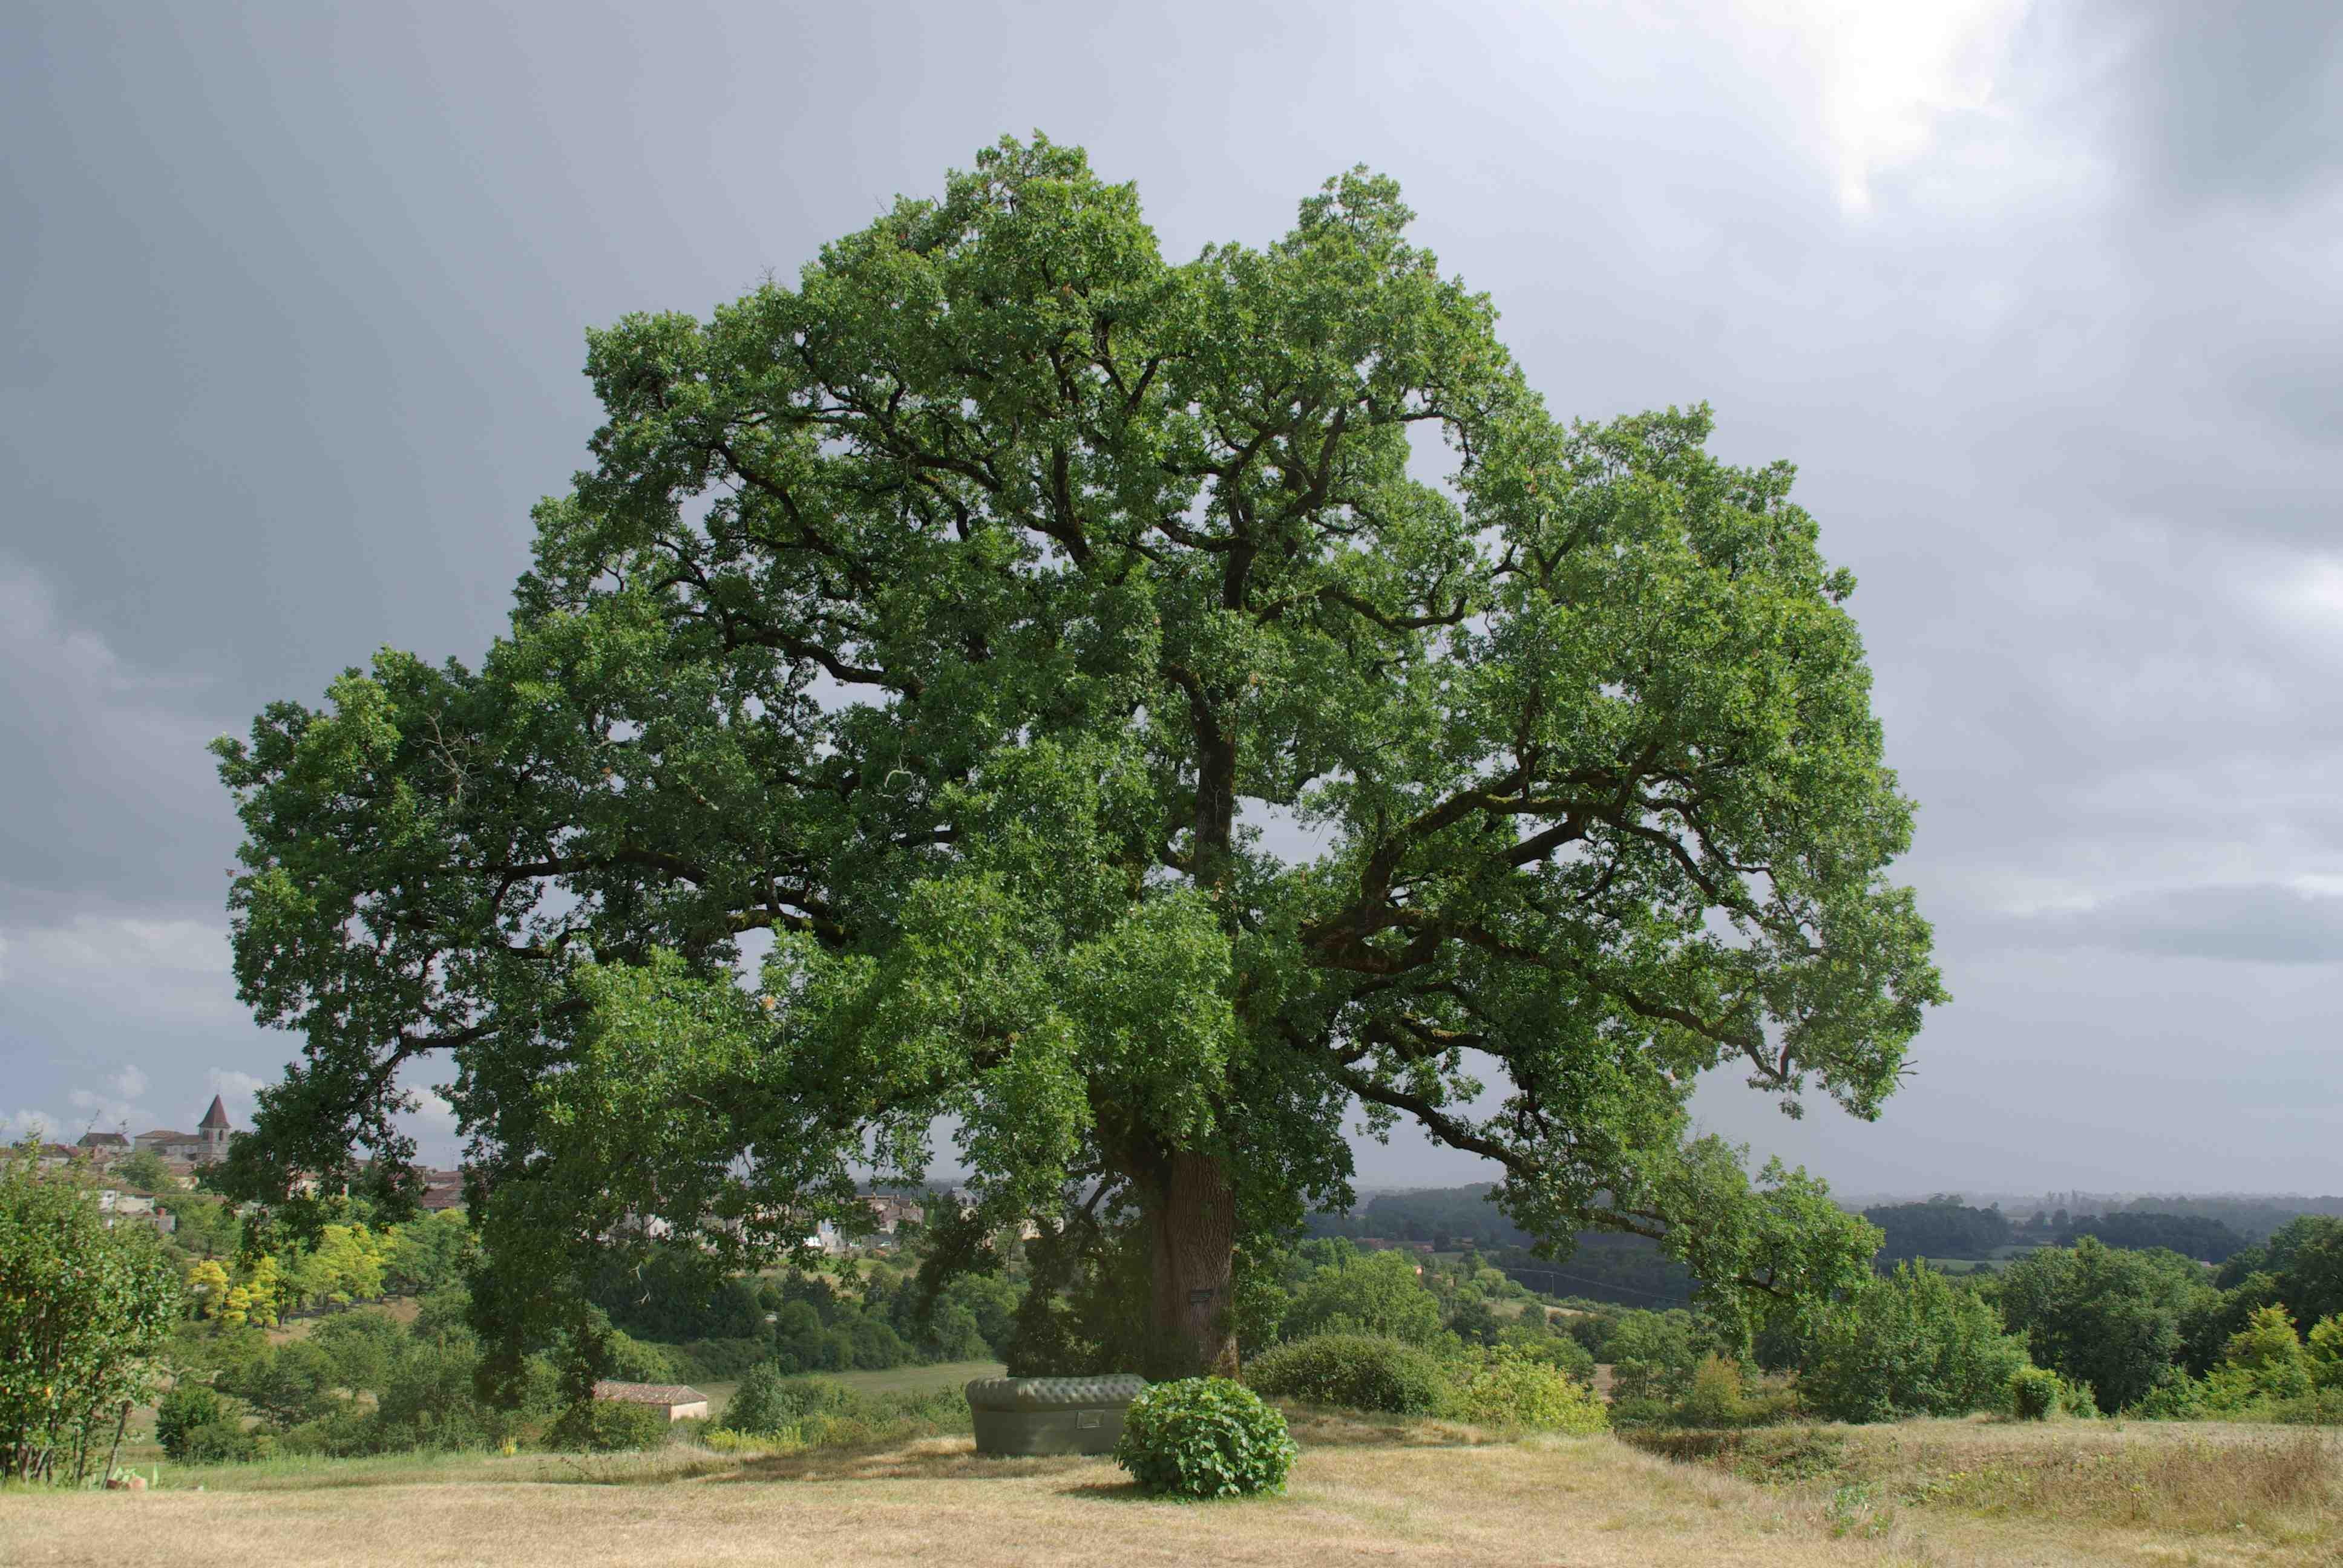 Parfois, un arbre humanise mieux un paysage que ne le ferait un homme. Gilbert Cesbron